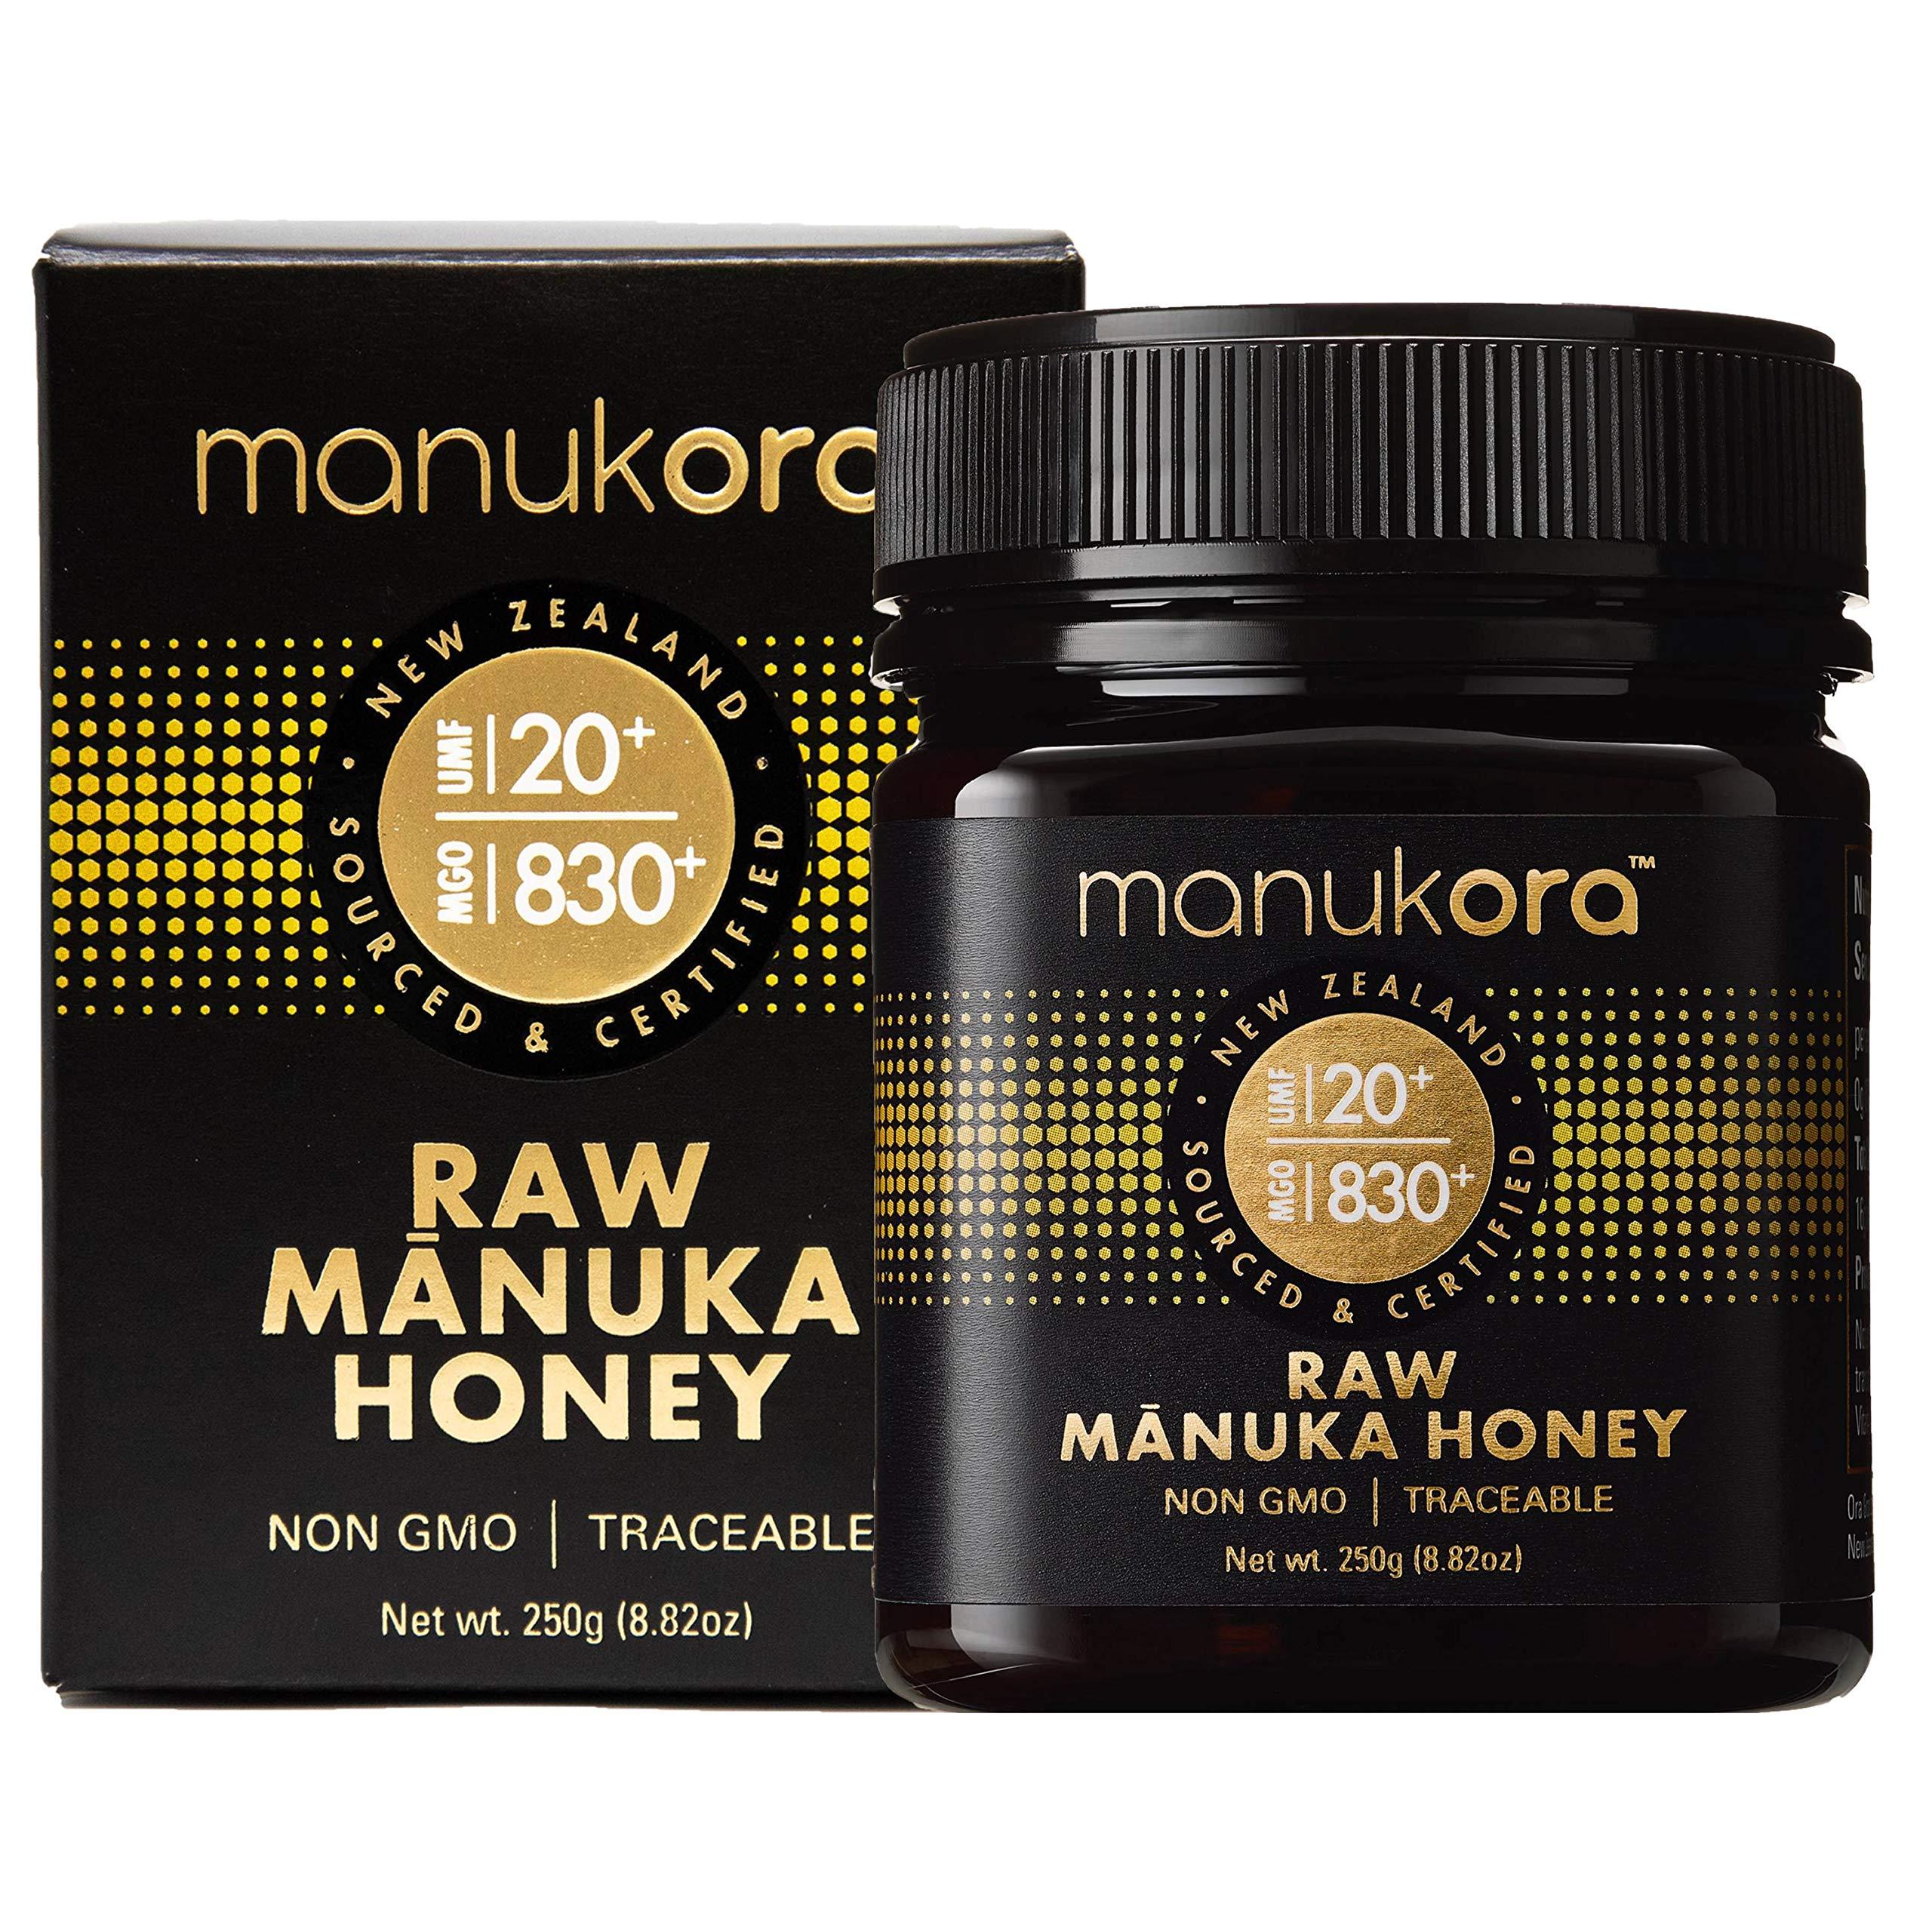 Manukora UMF 20+/MGO 830+ Raw Mānuka Honey (250g/8.8oz) Authentic Non-GMO New Zealand Honey, UMF & MGO Certified, Traceable from Hive to Hand by Manukora (Image #1)